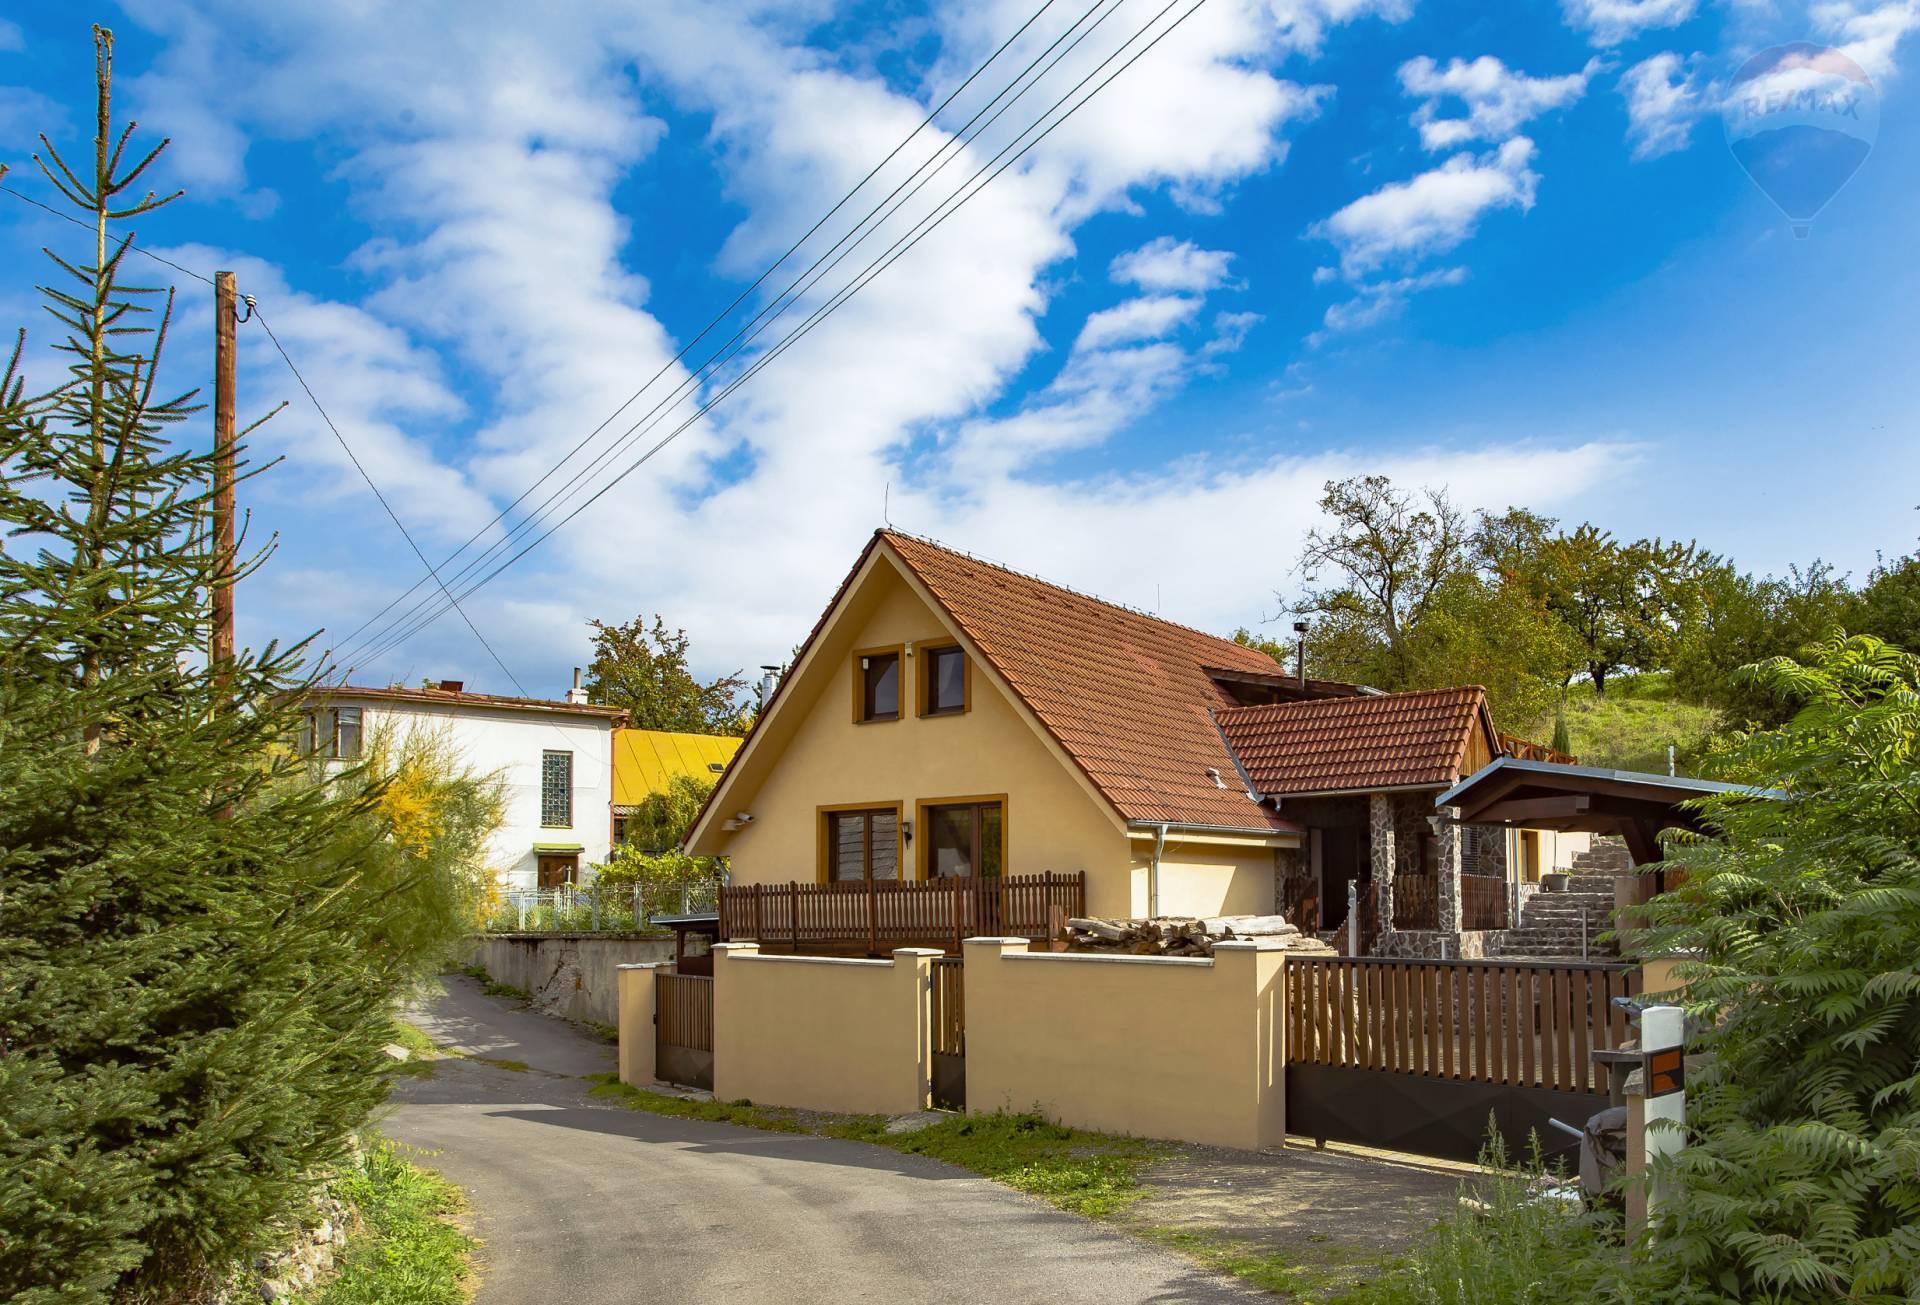 PREDAJ: Nadštandardná chata neďaleko Počúvadlianskeho jazera200m2,obec Počúvadlo-Banská Štiavnica